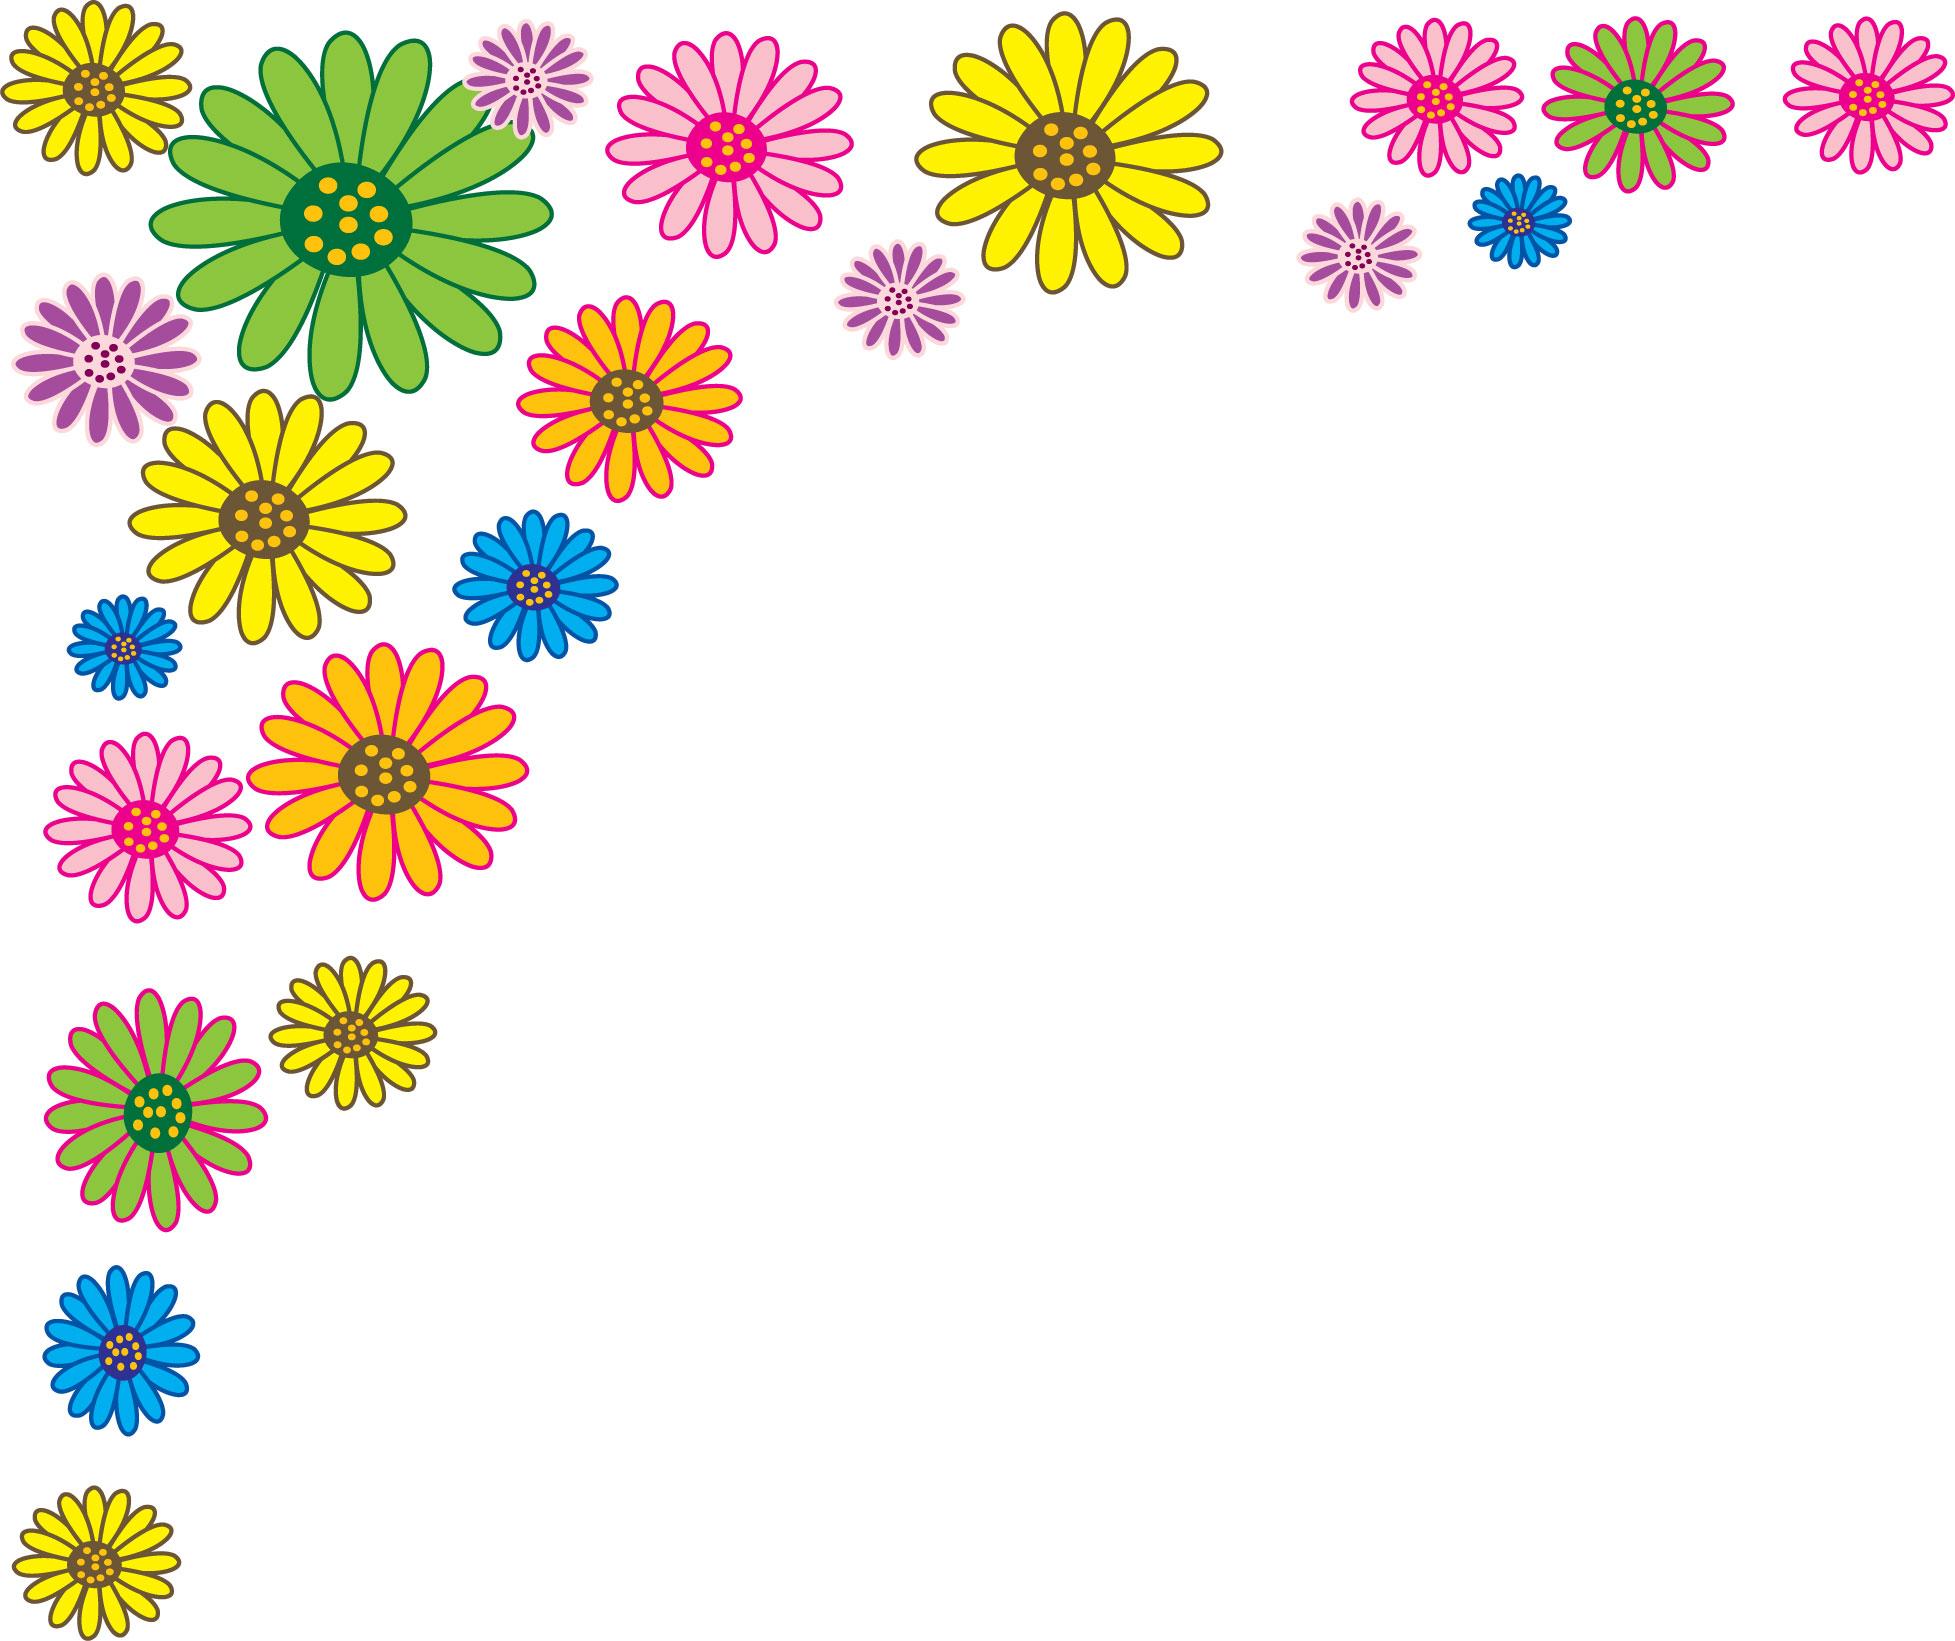 ポップでかわいい花のイラスト・フリー素材/no.338『カラフル』